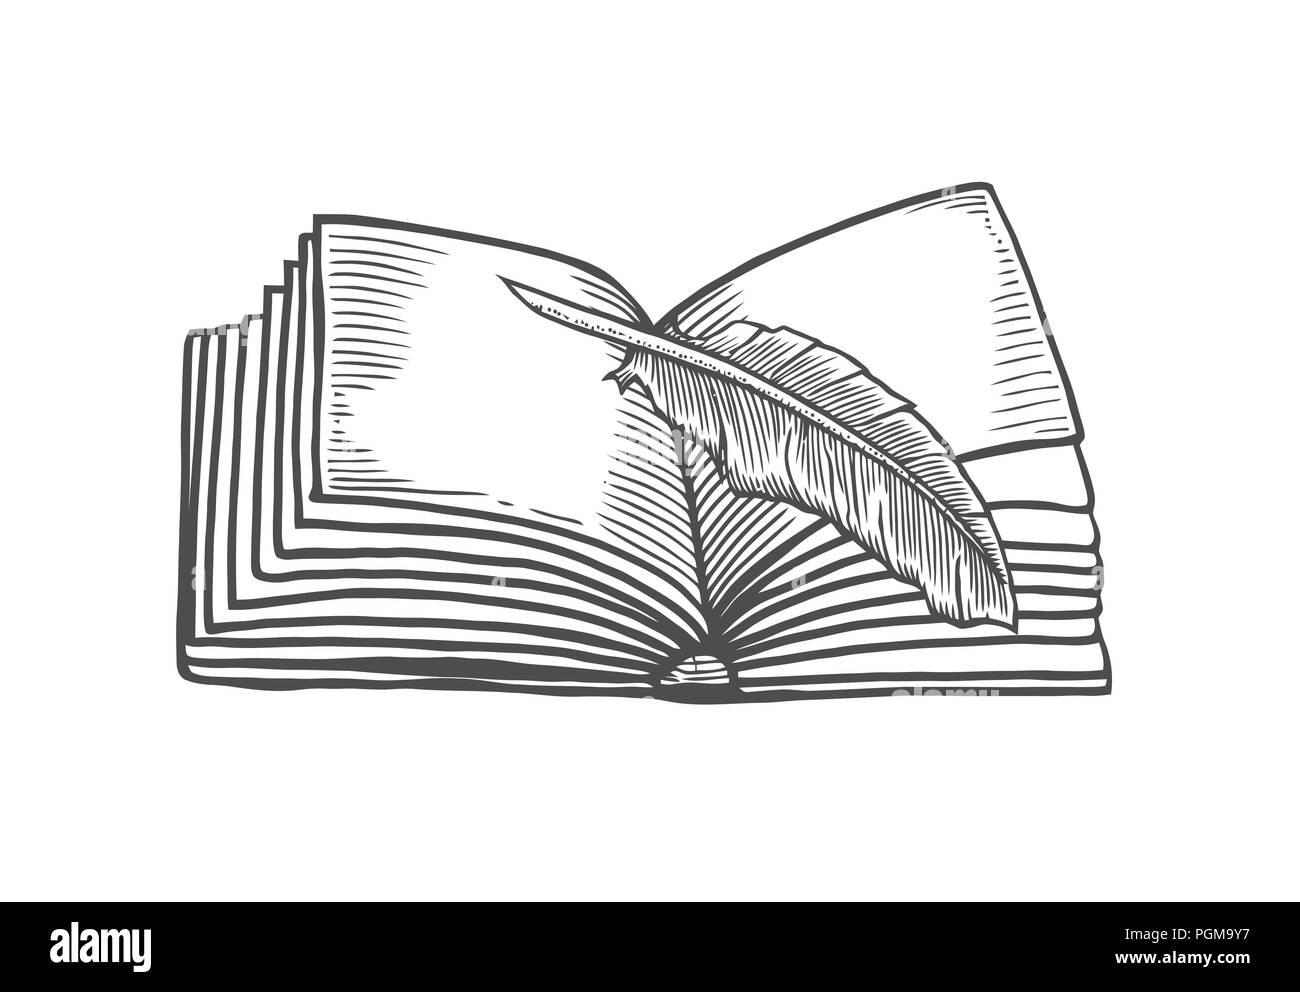 con la pluma de libro abierto aislado sobre fondo blanco vector vintage negro grabado ilustracin dibujar a mano en un estilo grfico